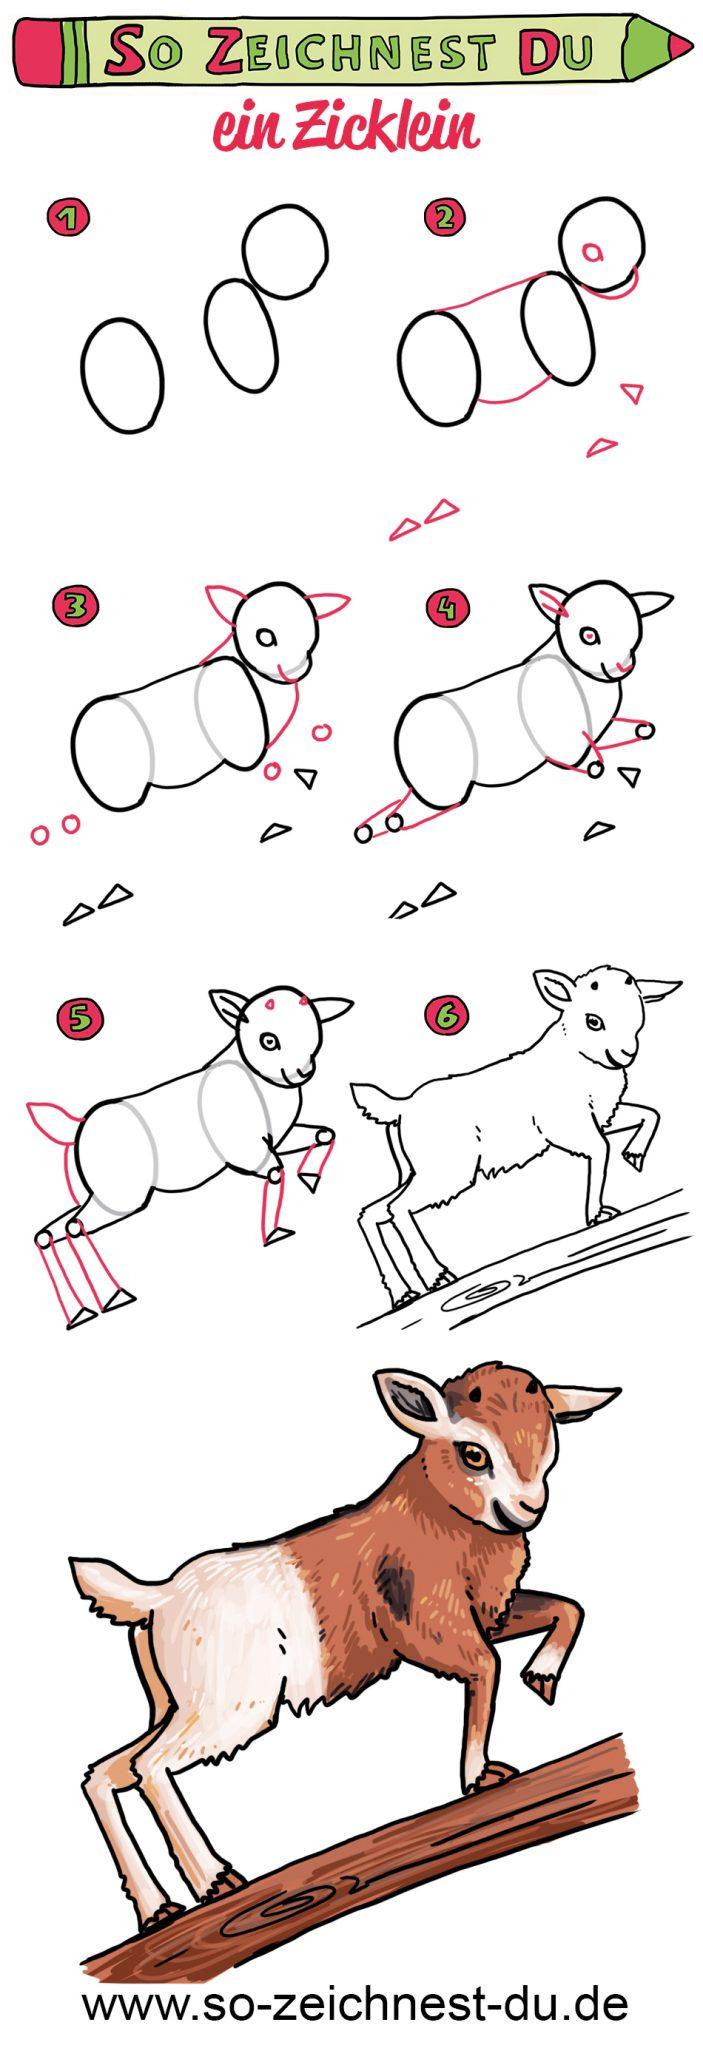 So zeichnest du ein Zicklein Baby Ziege Bauernhof Zeichenschule